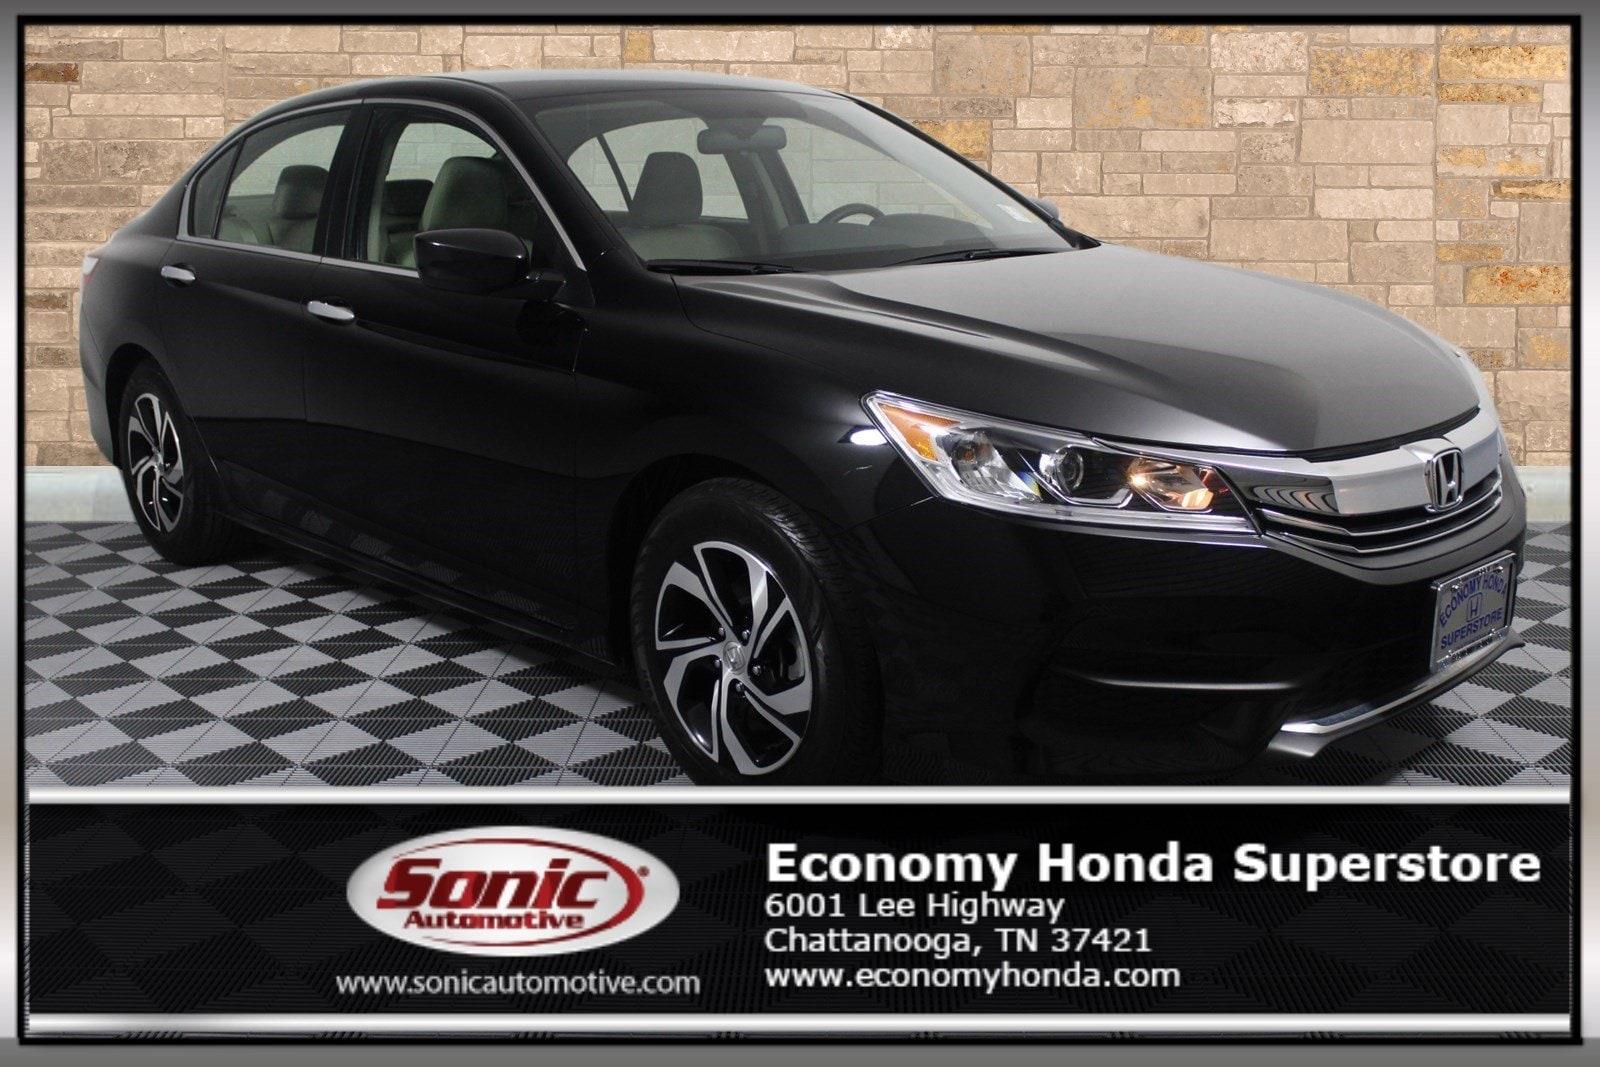 2016 Honda Accord LX 4dr I4 CVT Sedan